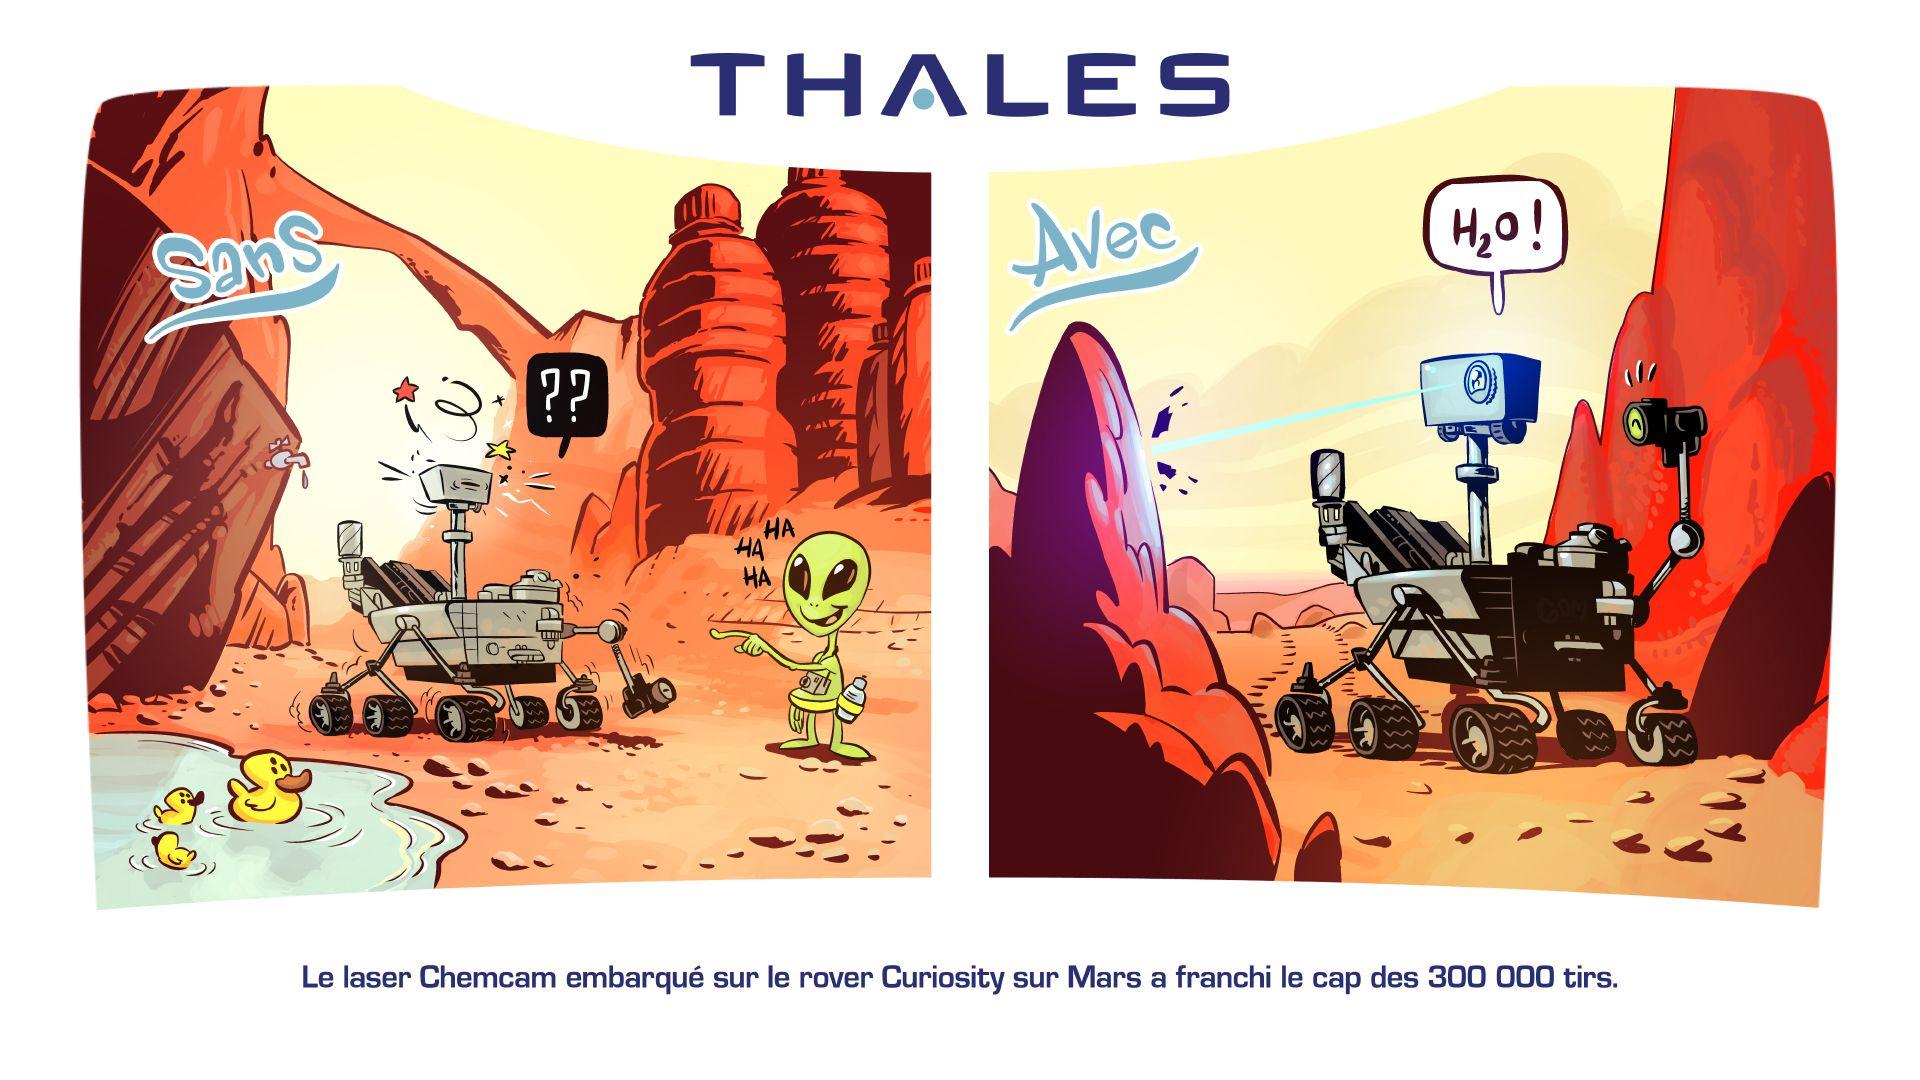 Le laser Chemcam embarqué sur le rover Curiosity a franchi le cap des 300.000 tirs